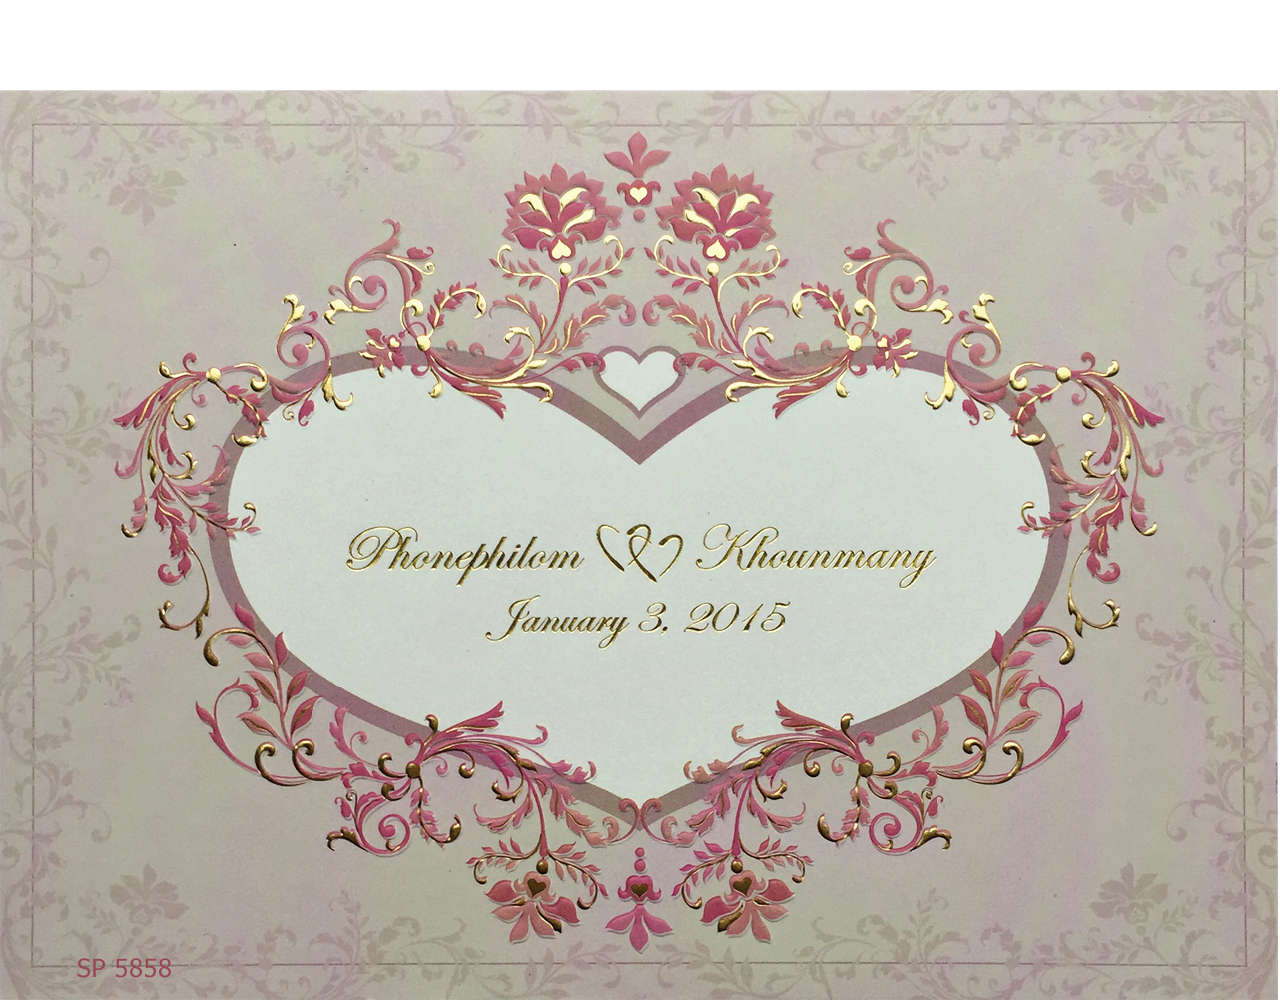 การ์ดแต่งงาน การ์ดเชิญงานแต่ง ลายดอกไม้เลื้อย น่ารัก ปั๊มนูน สองพับ การ์ดพร้อมซอง wedding card 6x8.5 inch SP 5858